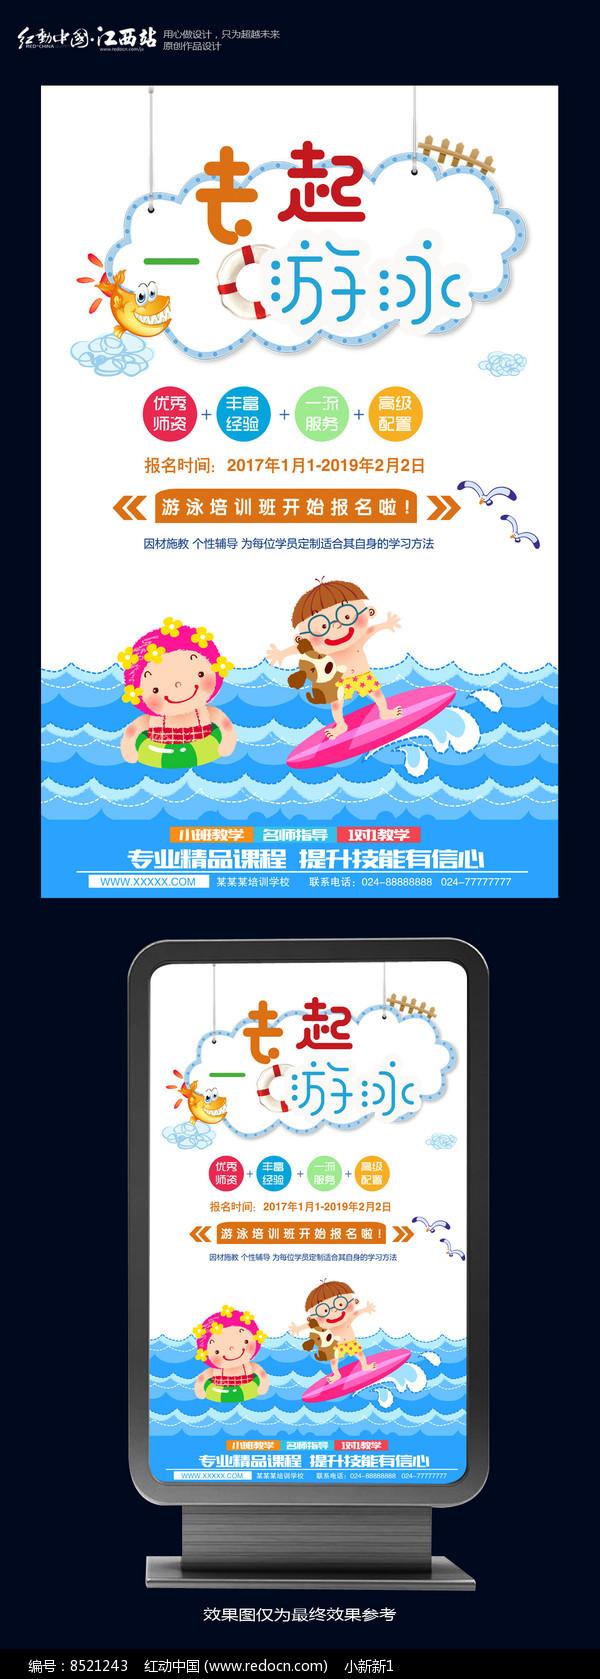 卡通一起去游泳促销海报图片